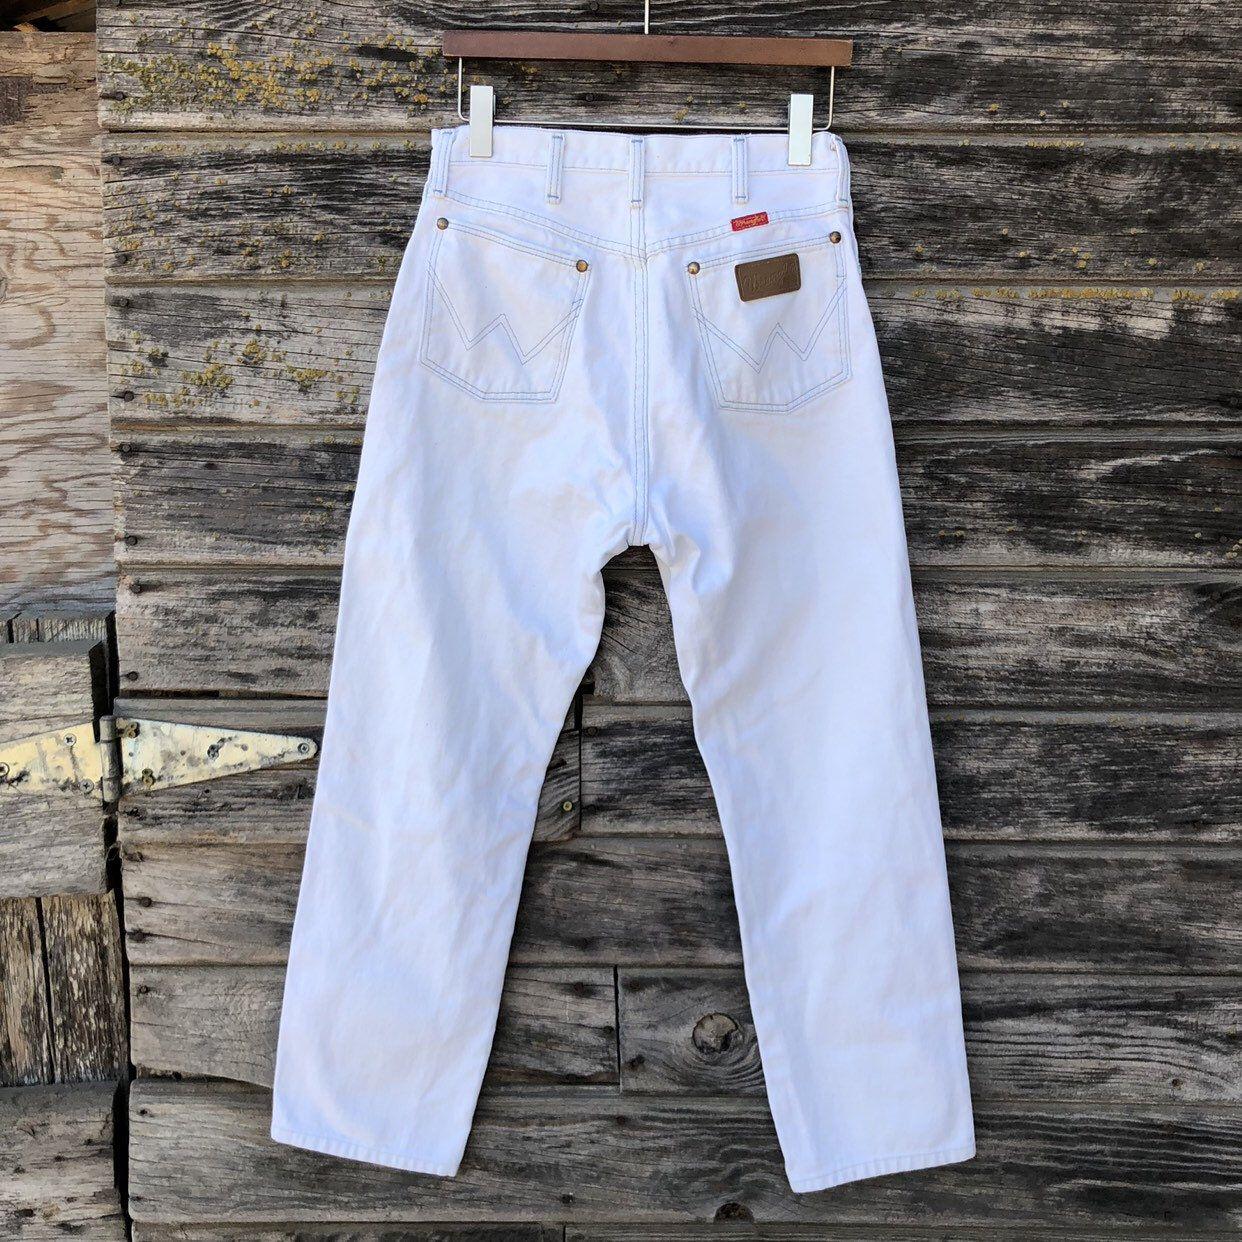 42d1144702 Vintage white denim Wrangler jeans 28x28 straight leg high waisted 80s 90s  high waist 28